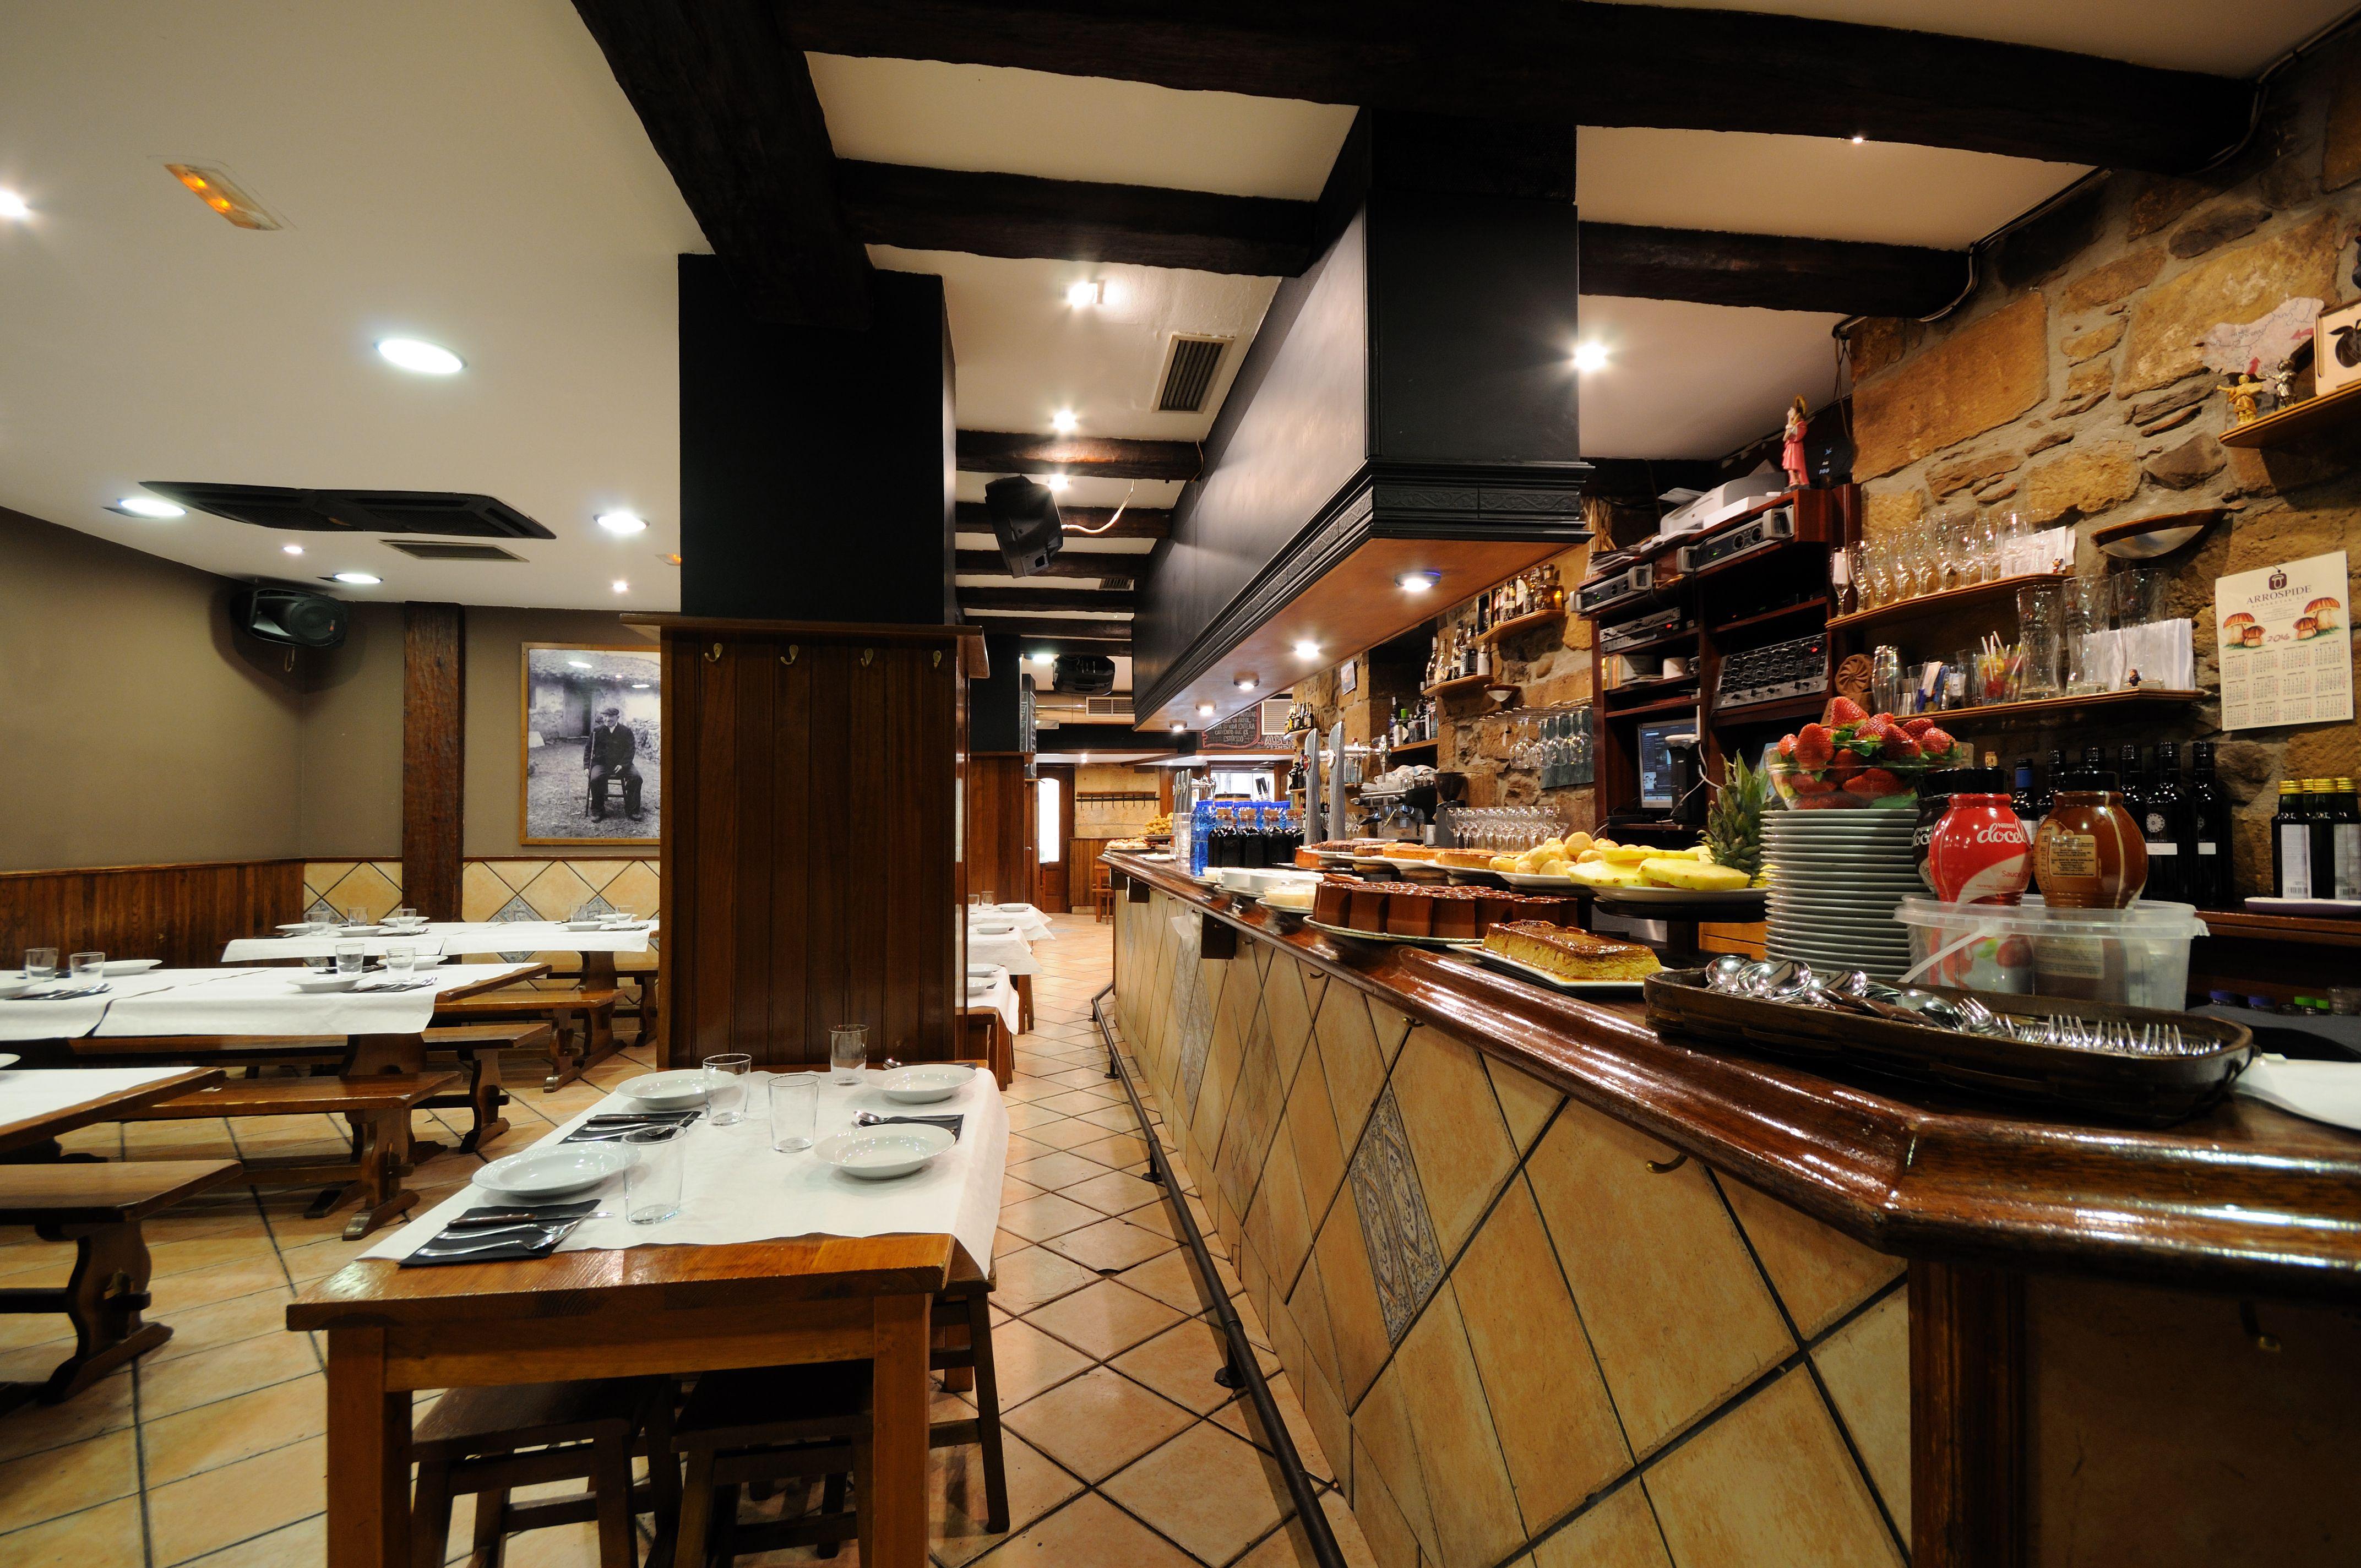 Foto 2 de Tabernas en Donostia | Ttun -Ttun